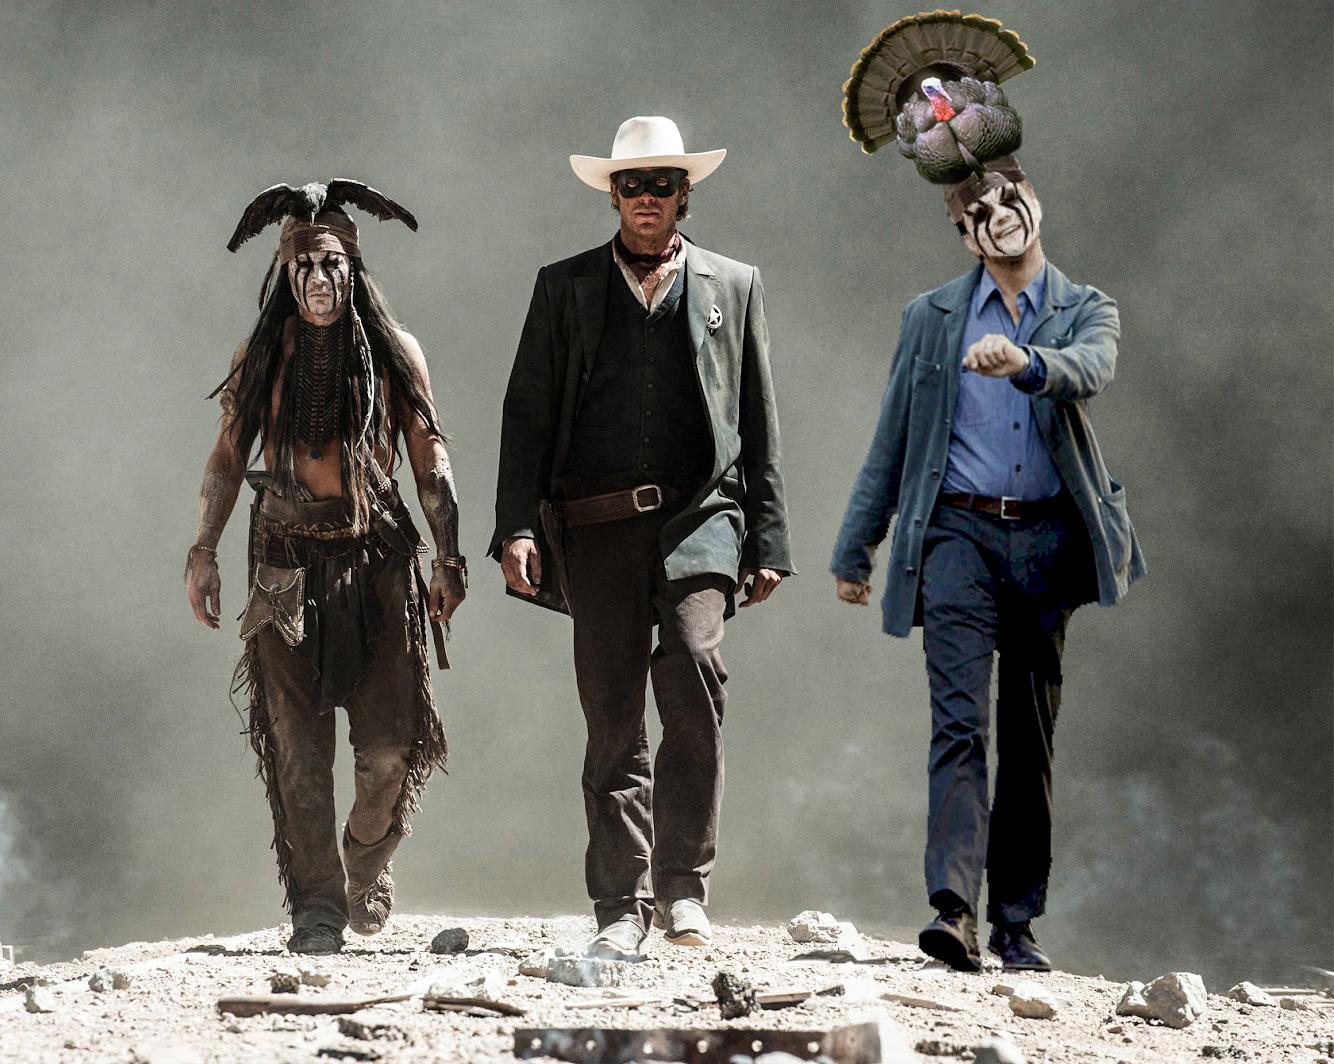 7c7 lone ranger strut strutting leo know your meme,The Lone Ranger Meme